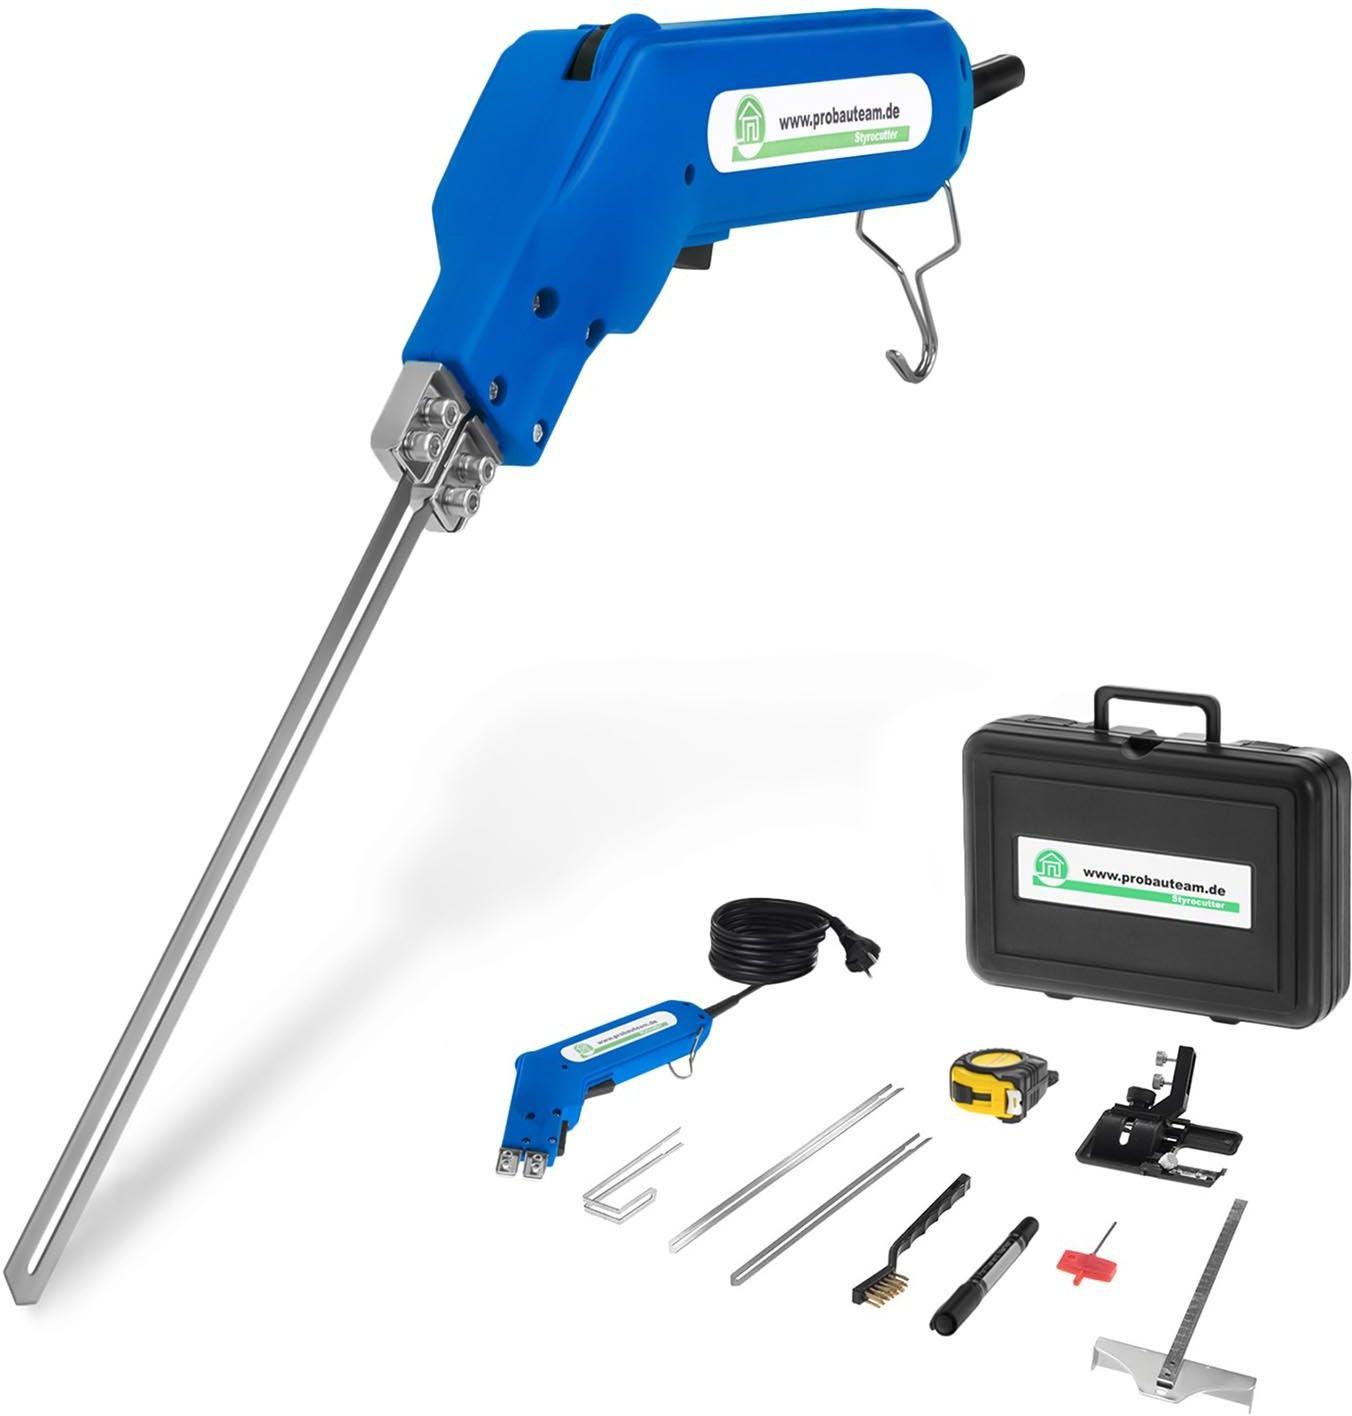 Nóż termiczny do styropianu - 250 W - prowadnica - Pro Bauteam - STYRO CUTTER PBT03 - 3 lata gwarancji/wysyłka w 24h